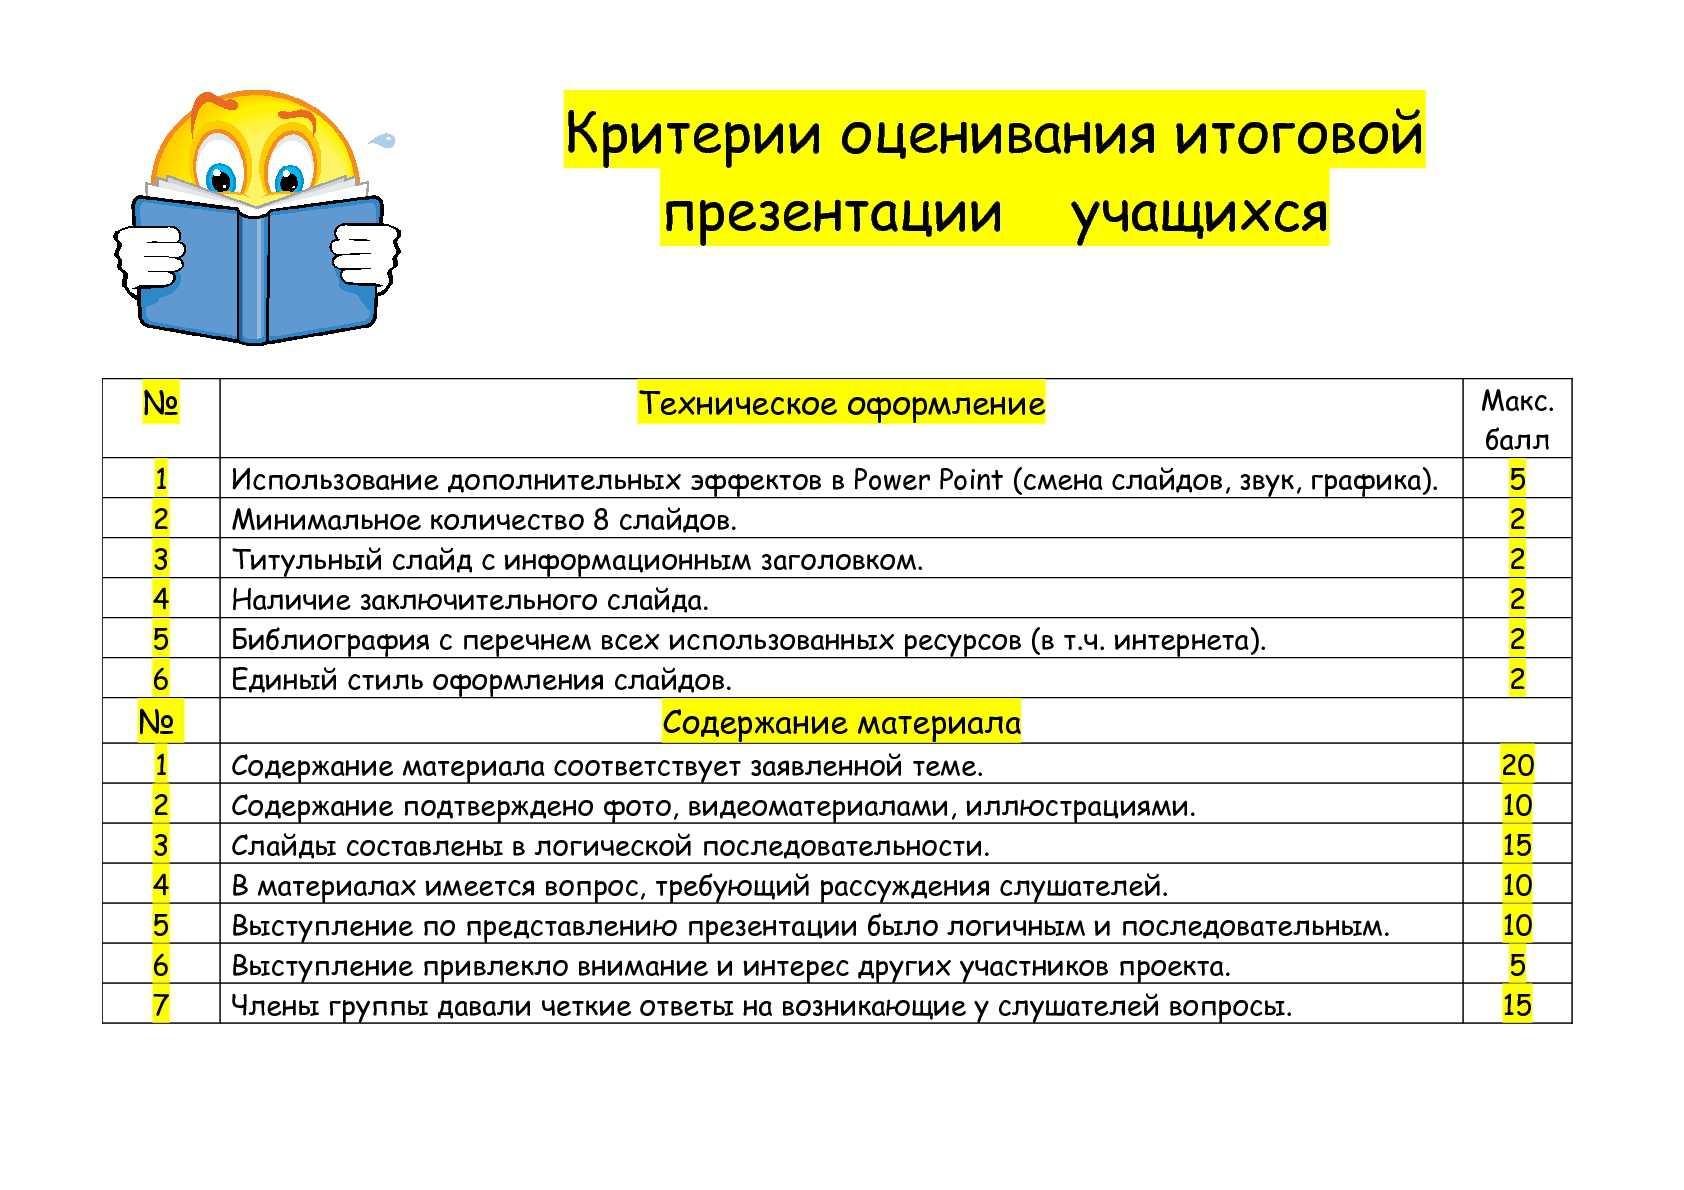 Кто определяет критерии оценки заявок на участие в конкурсе по 44 фз